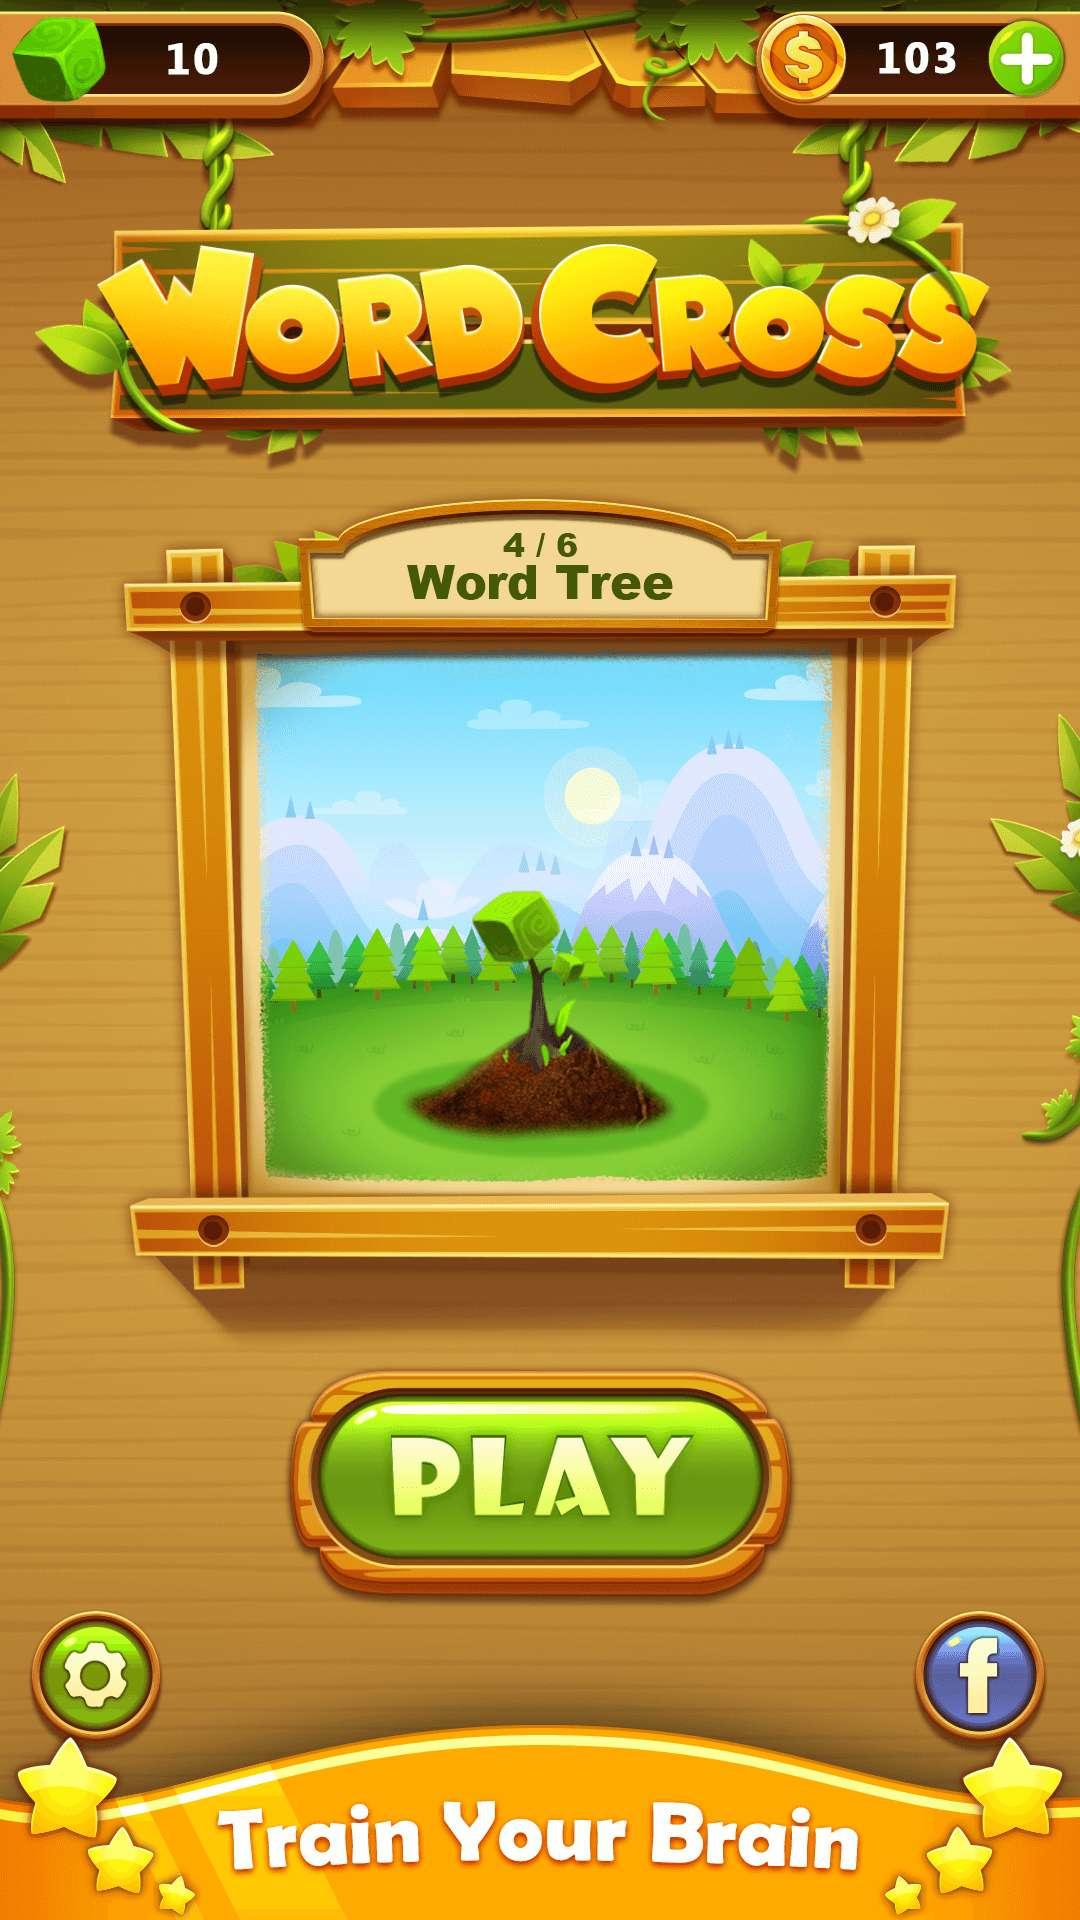 ▷ Telechargement Word Cross Puzzle: Best Free Offline Word tout Puzzle Gratuit A Telecharger Pour Tablette